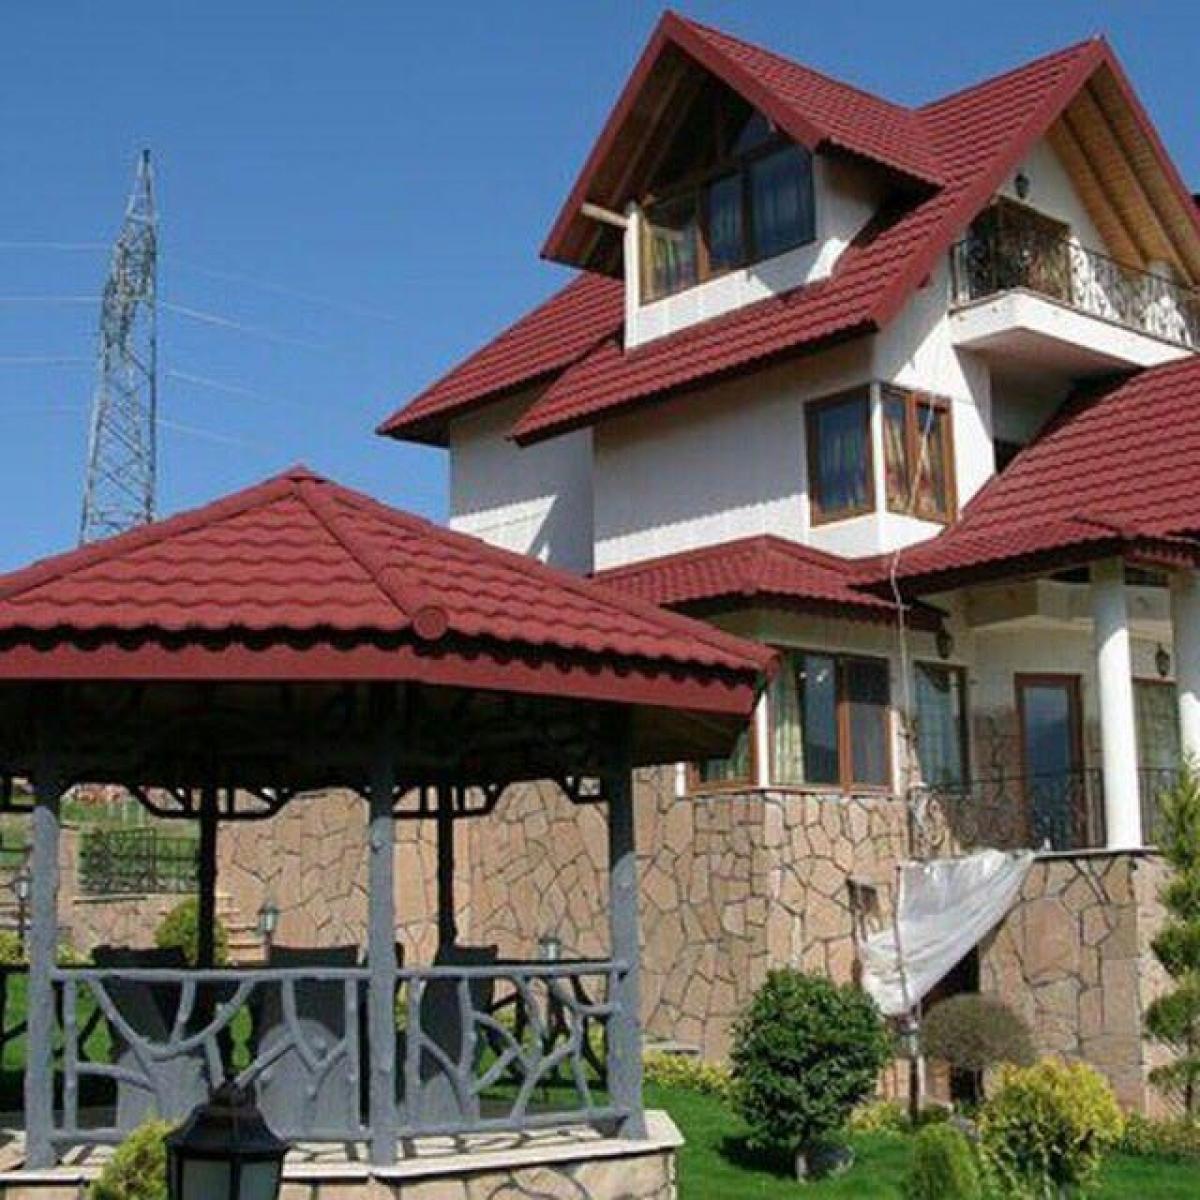 مزایای سقف های شیبدار از نظر معماری